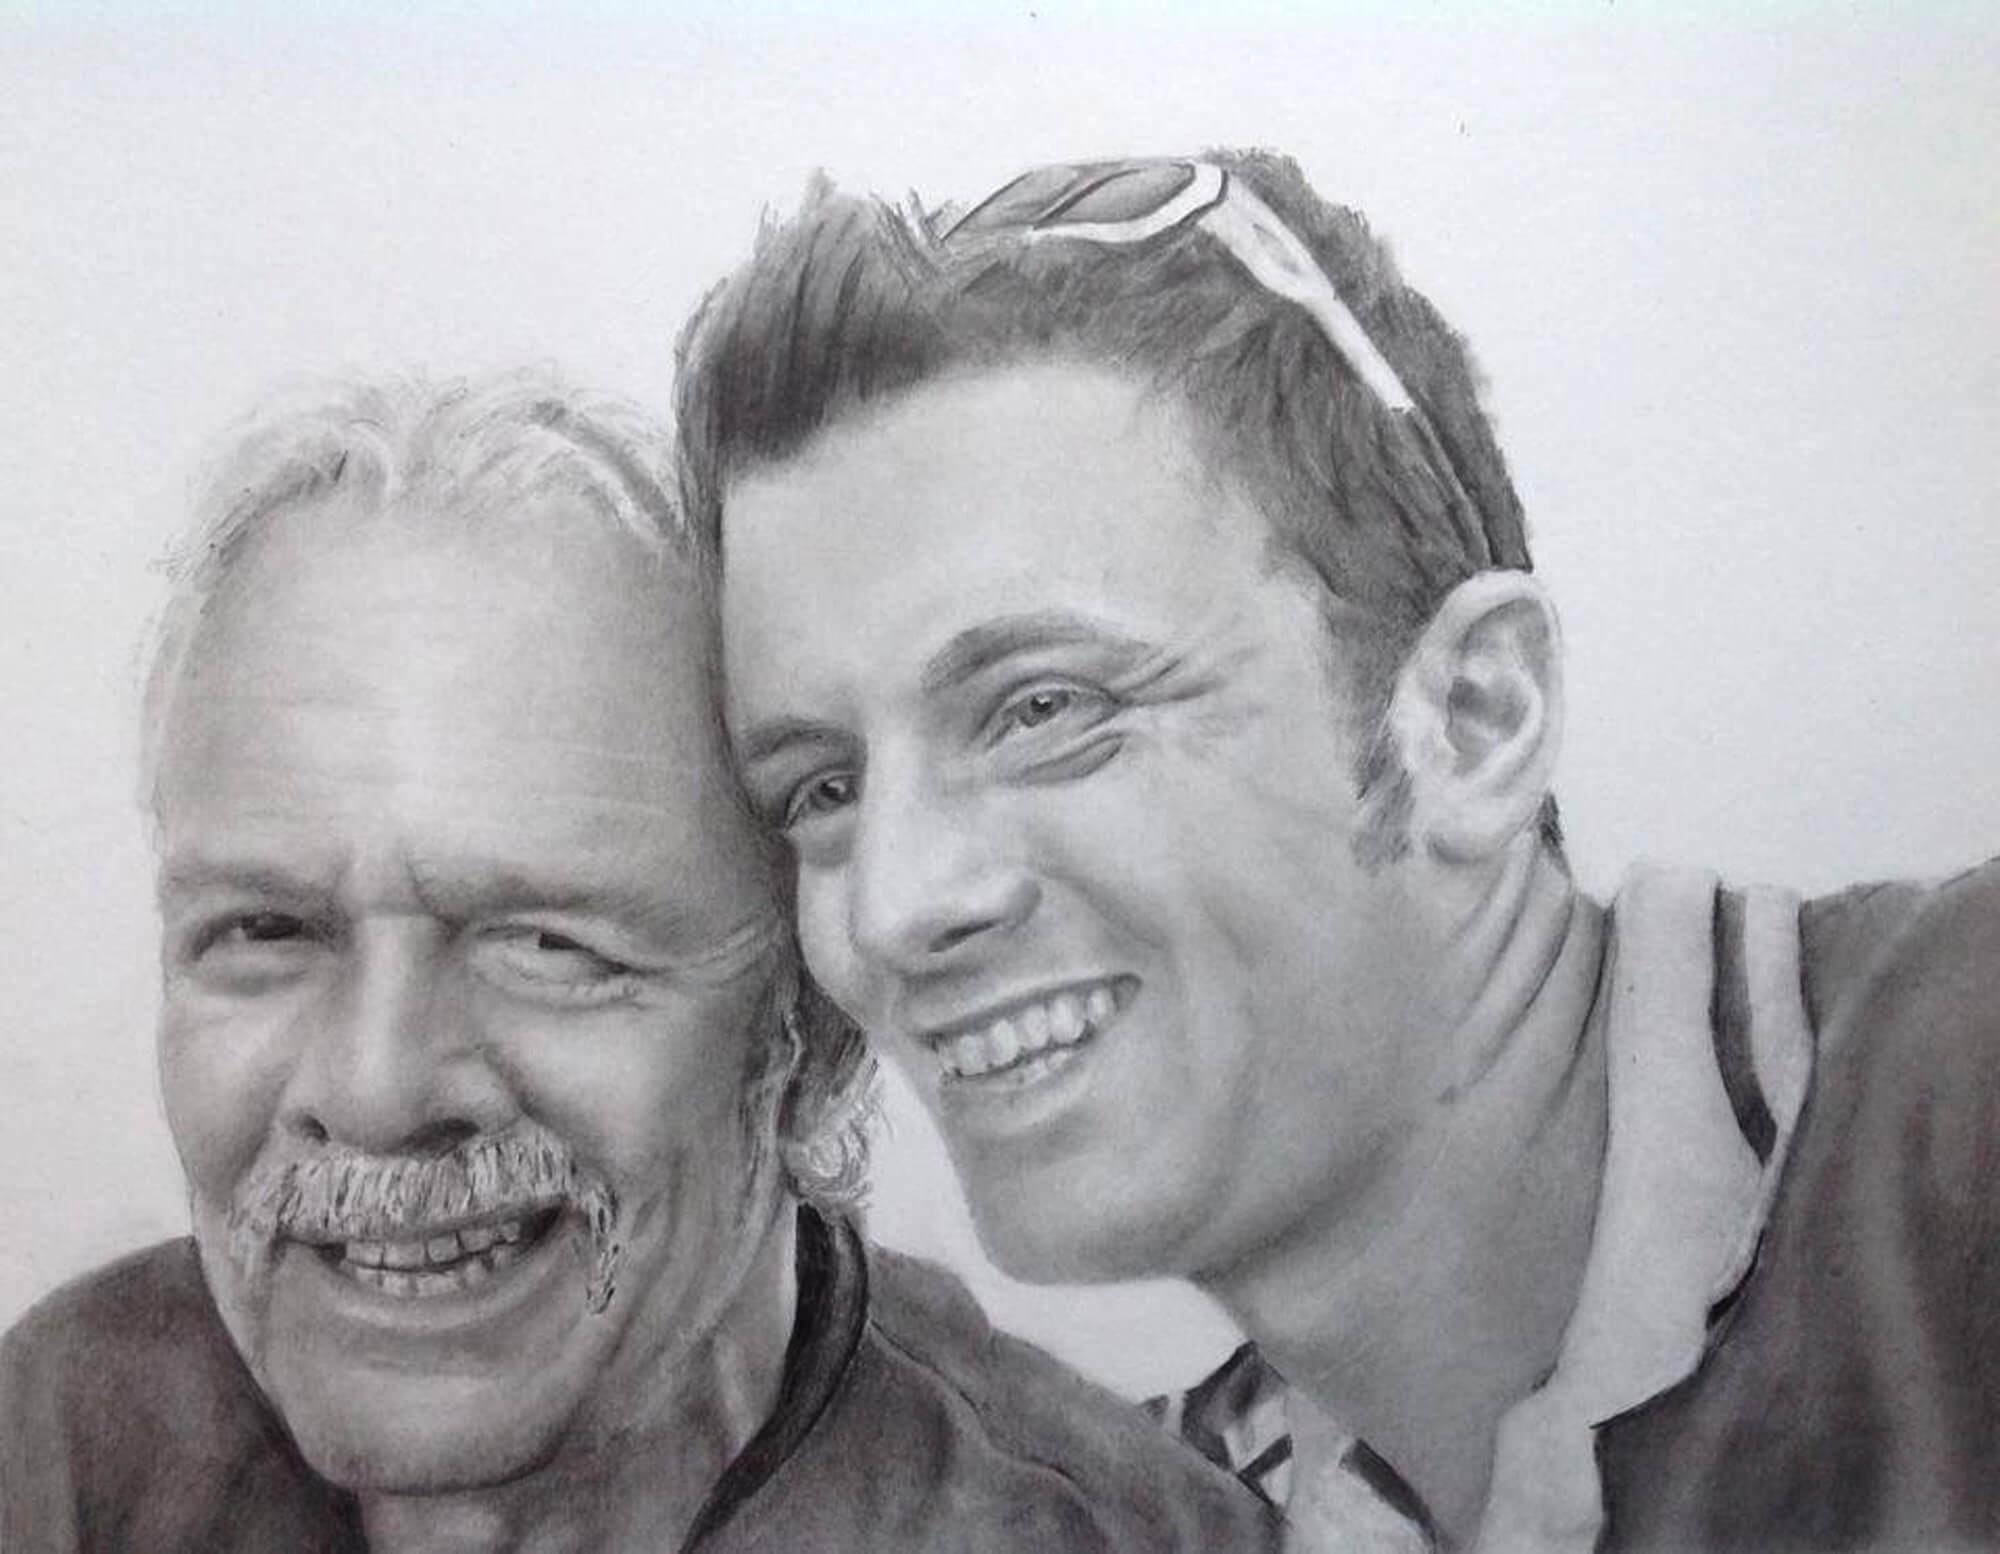 Ryan and Kev drawing